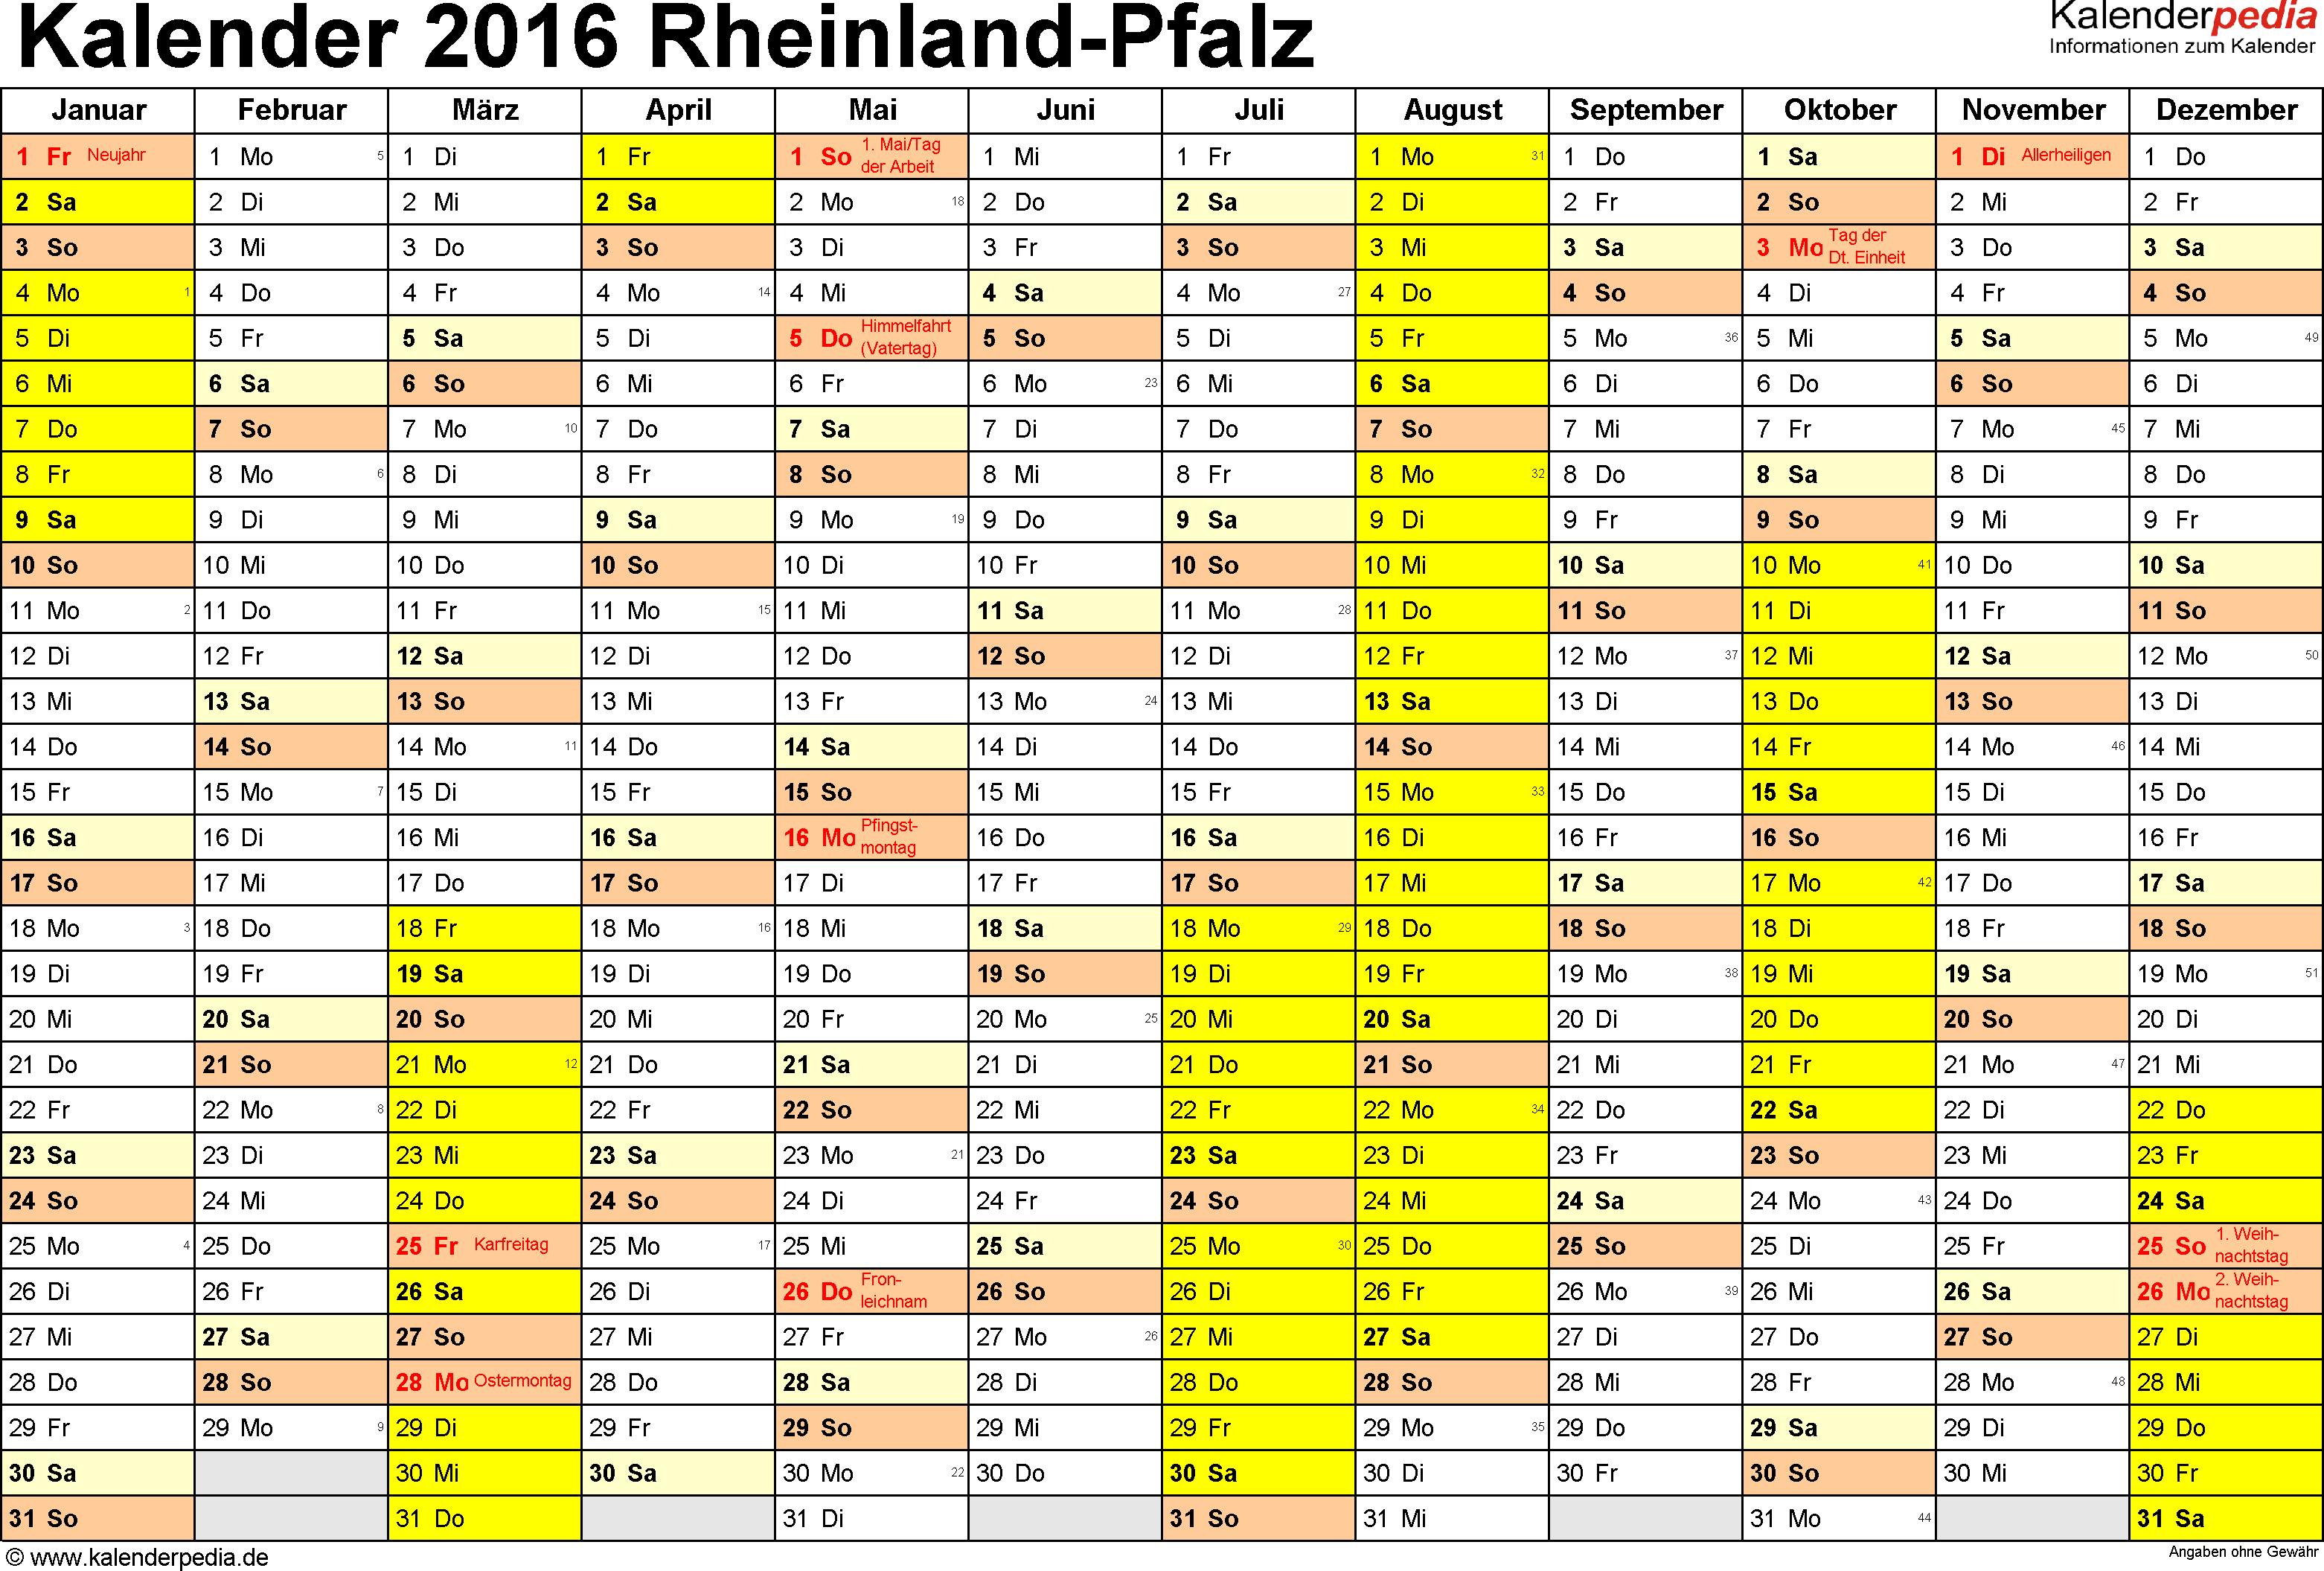 Vorlage 1: Kalender 2016 für Rheinland-Pfalz als Excel-Vorlage (Querformat, 1 Seite)